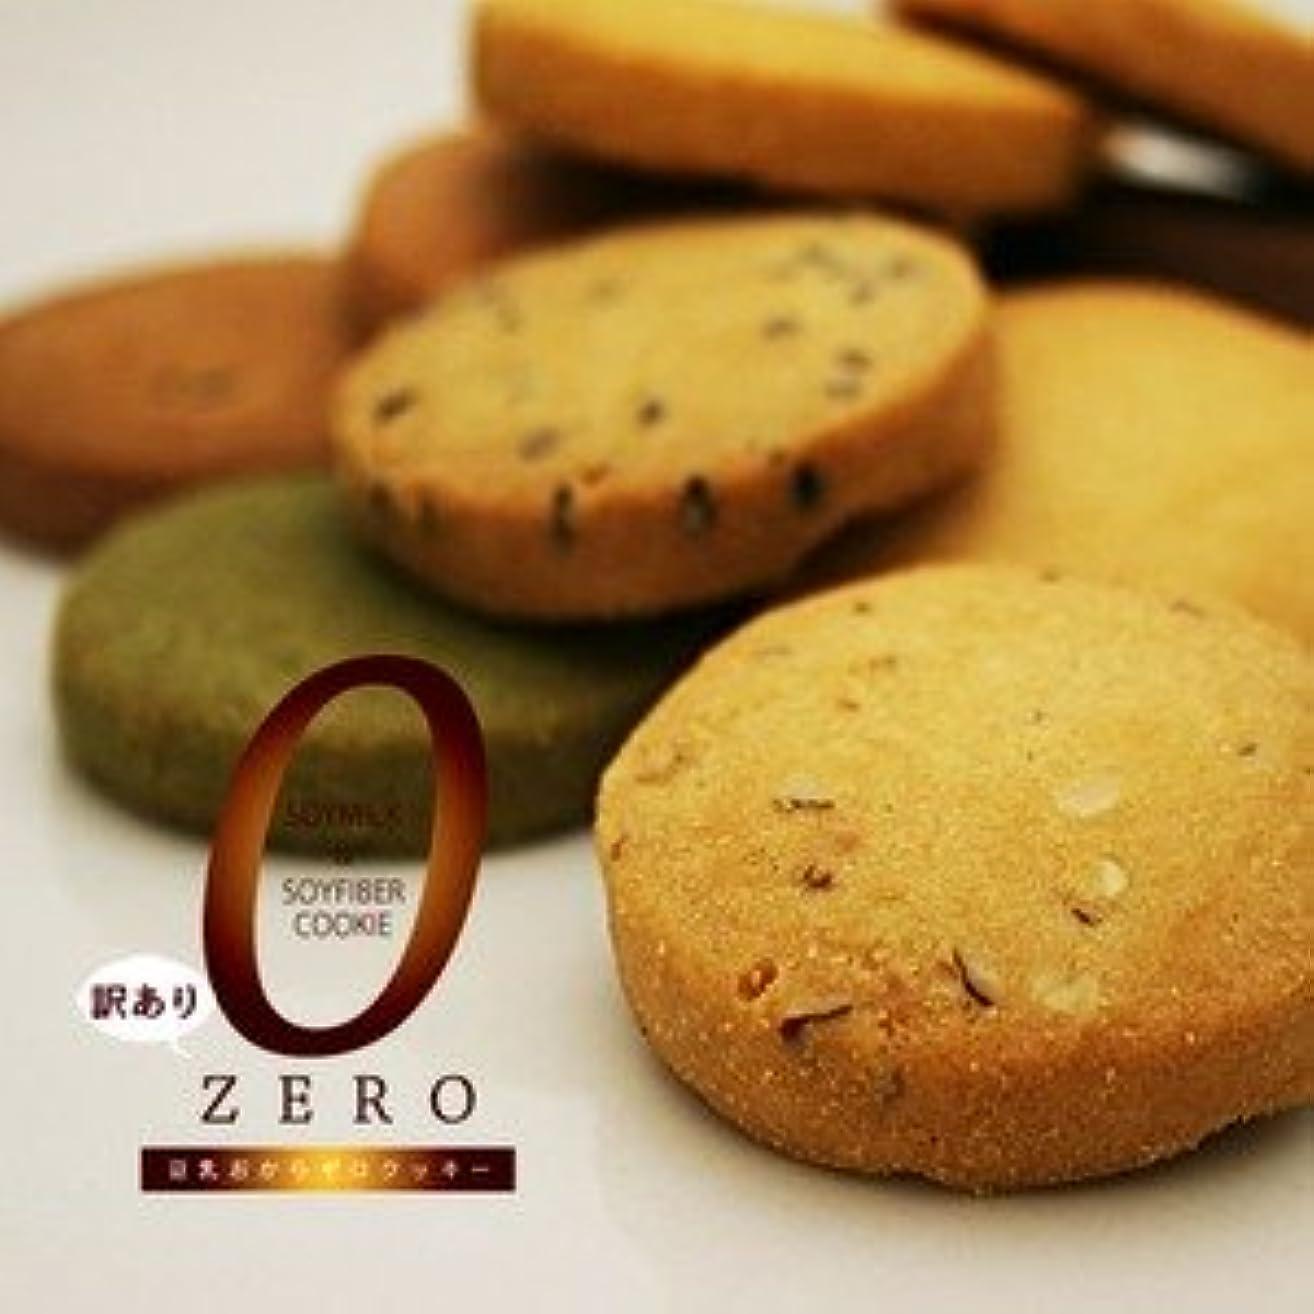 アーネストシャクルトンカジュアル石膏豆乳おからZEROクッキー 10種 ベーシックタイプ 500g×2袋